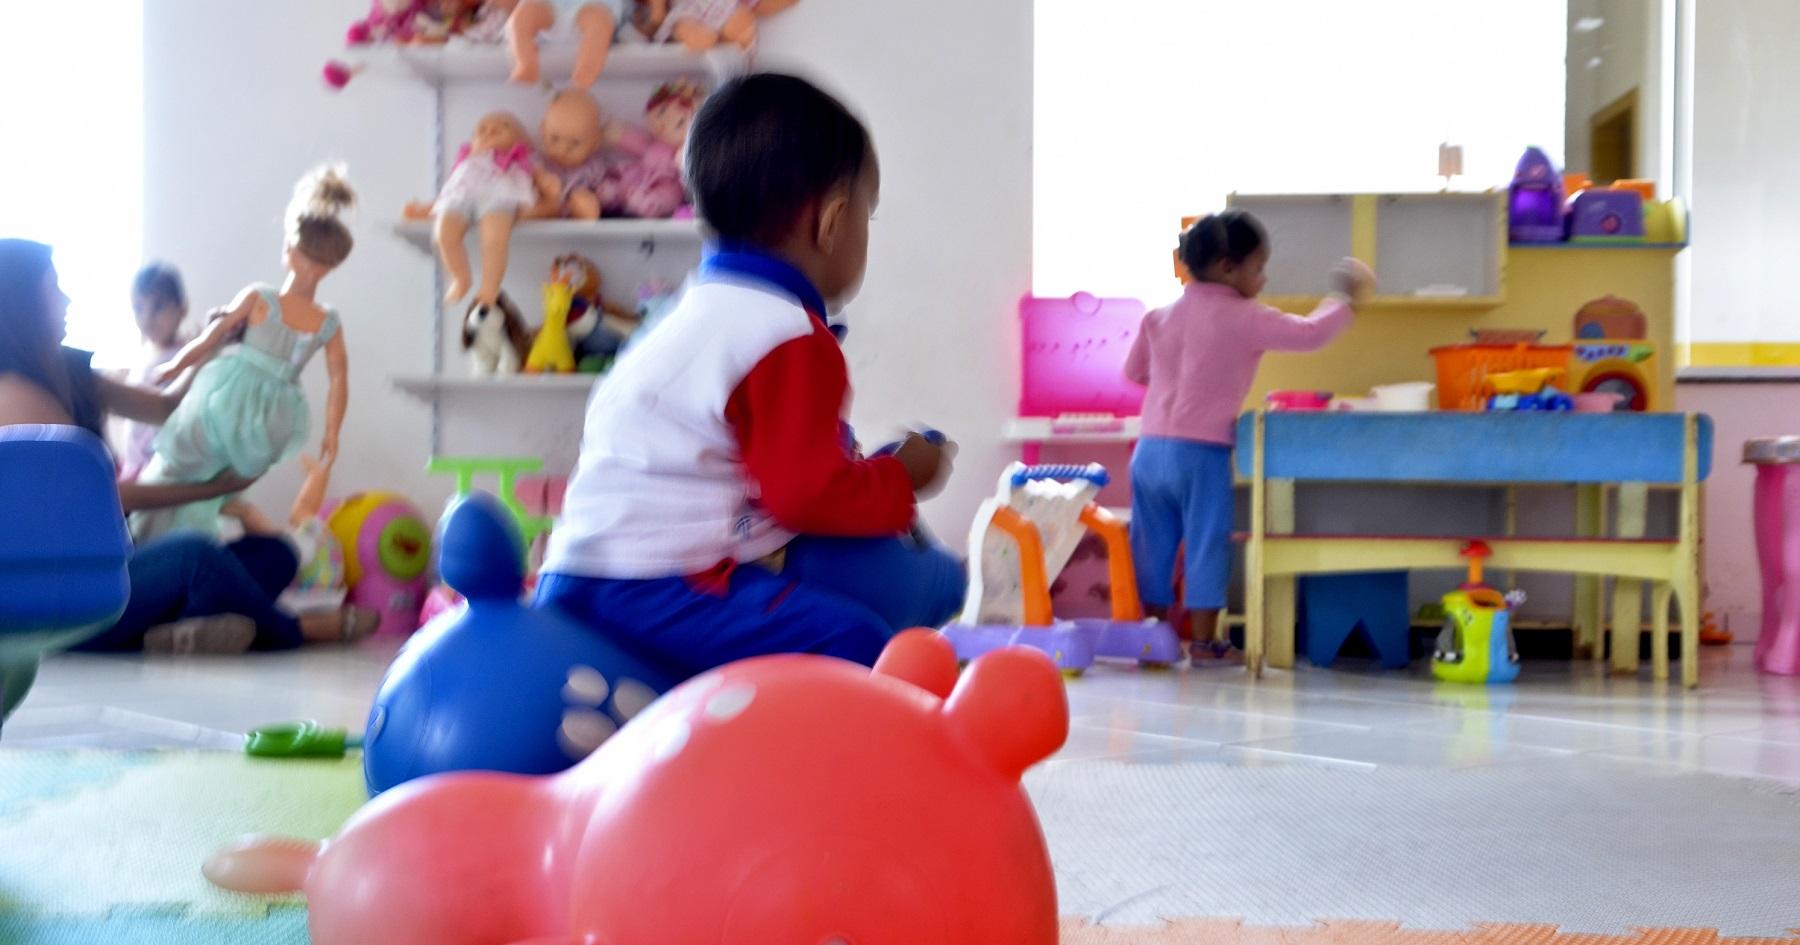 governo-federal-quer-zerar-numero-de-criancas-ate-6-anos-em-abrigos